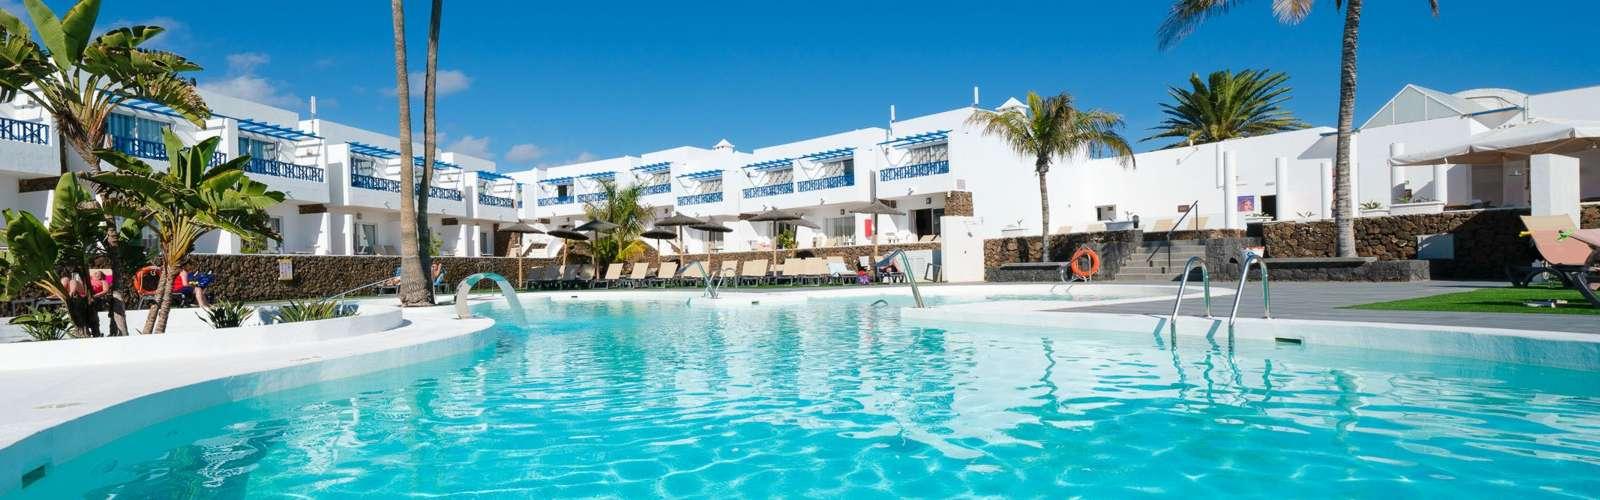 Lanzarote Apartments | Club Siroco - Official Site